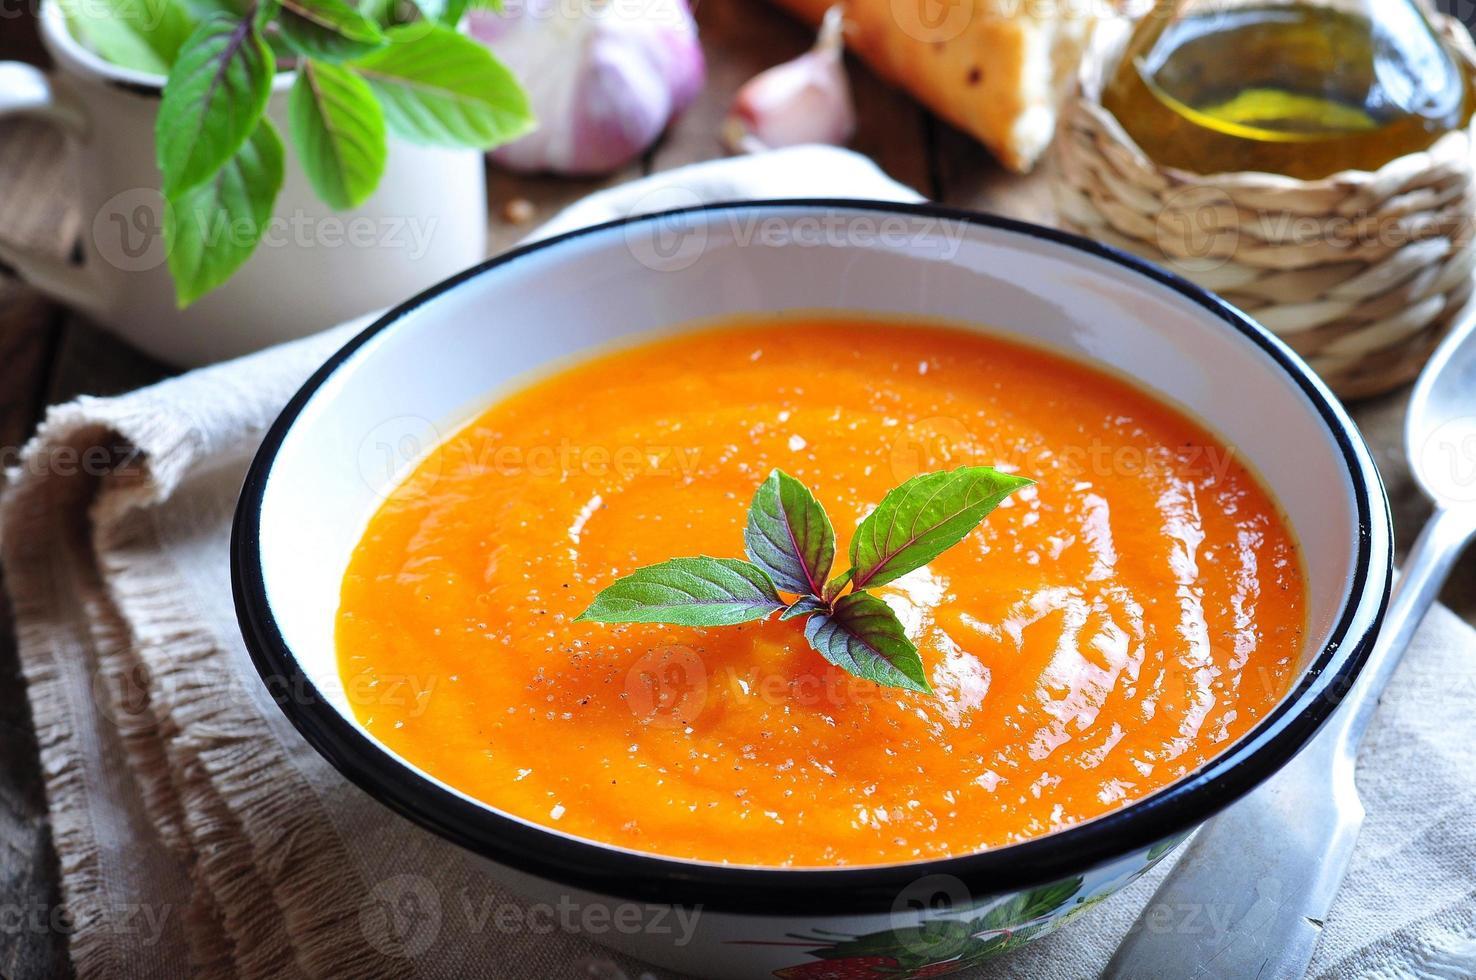 sopa de calabaza vegetariana con ajo, albahaca y aceite de oliva foto